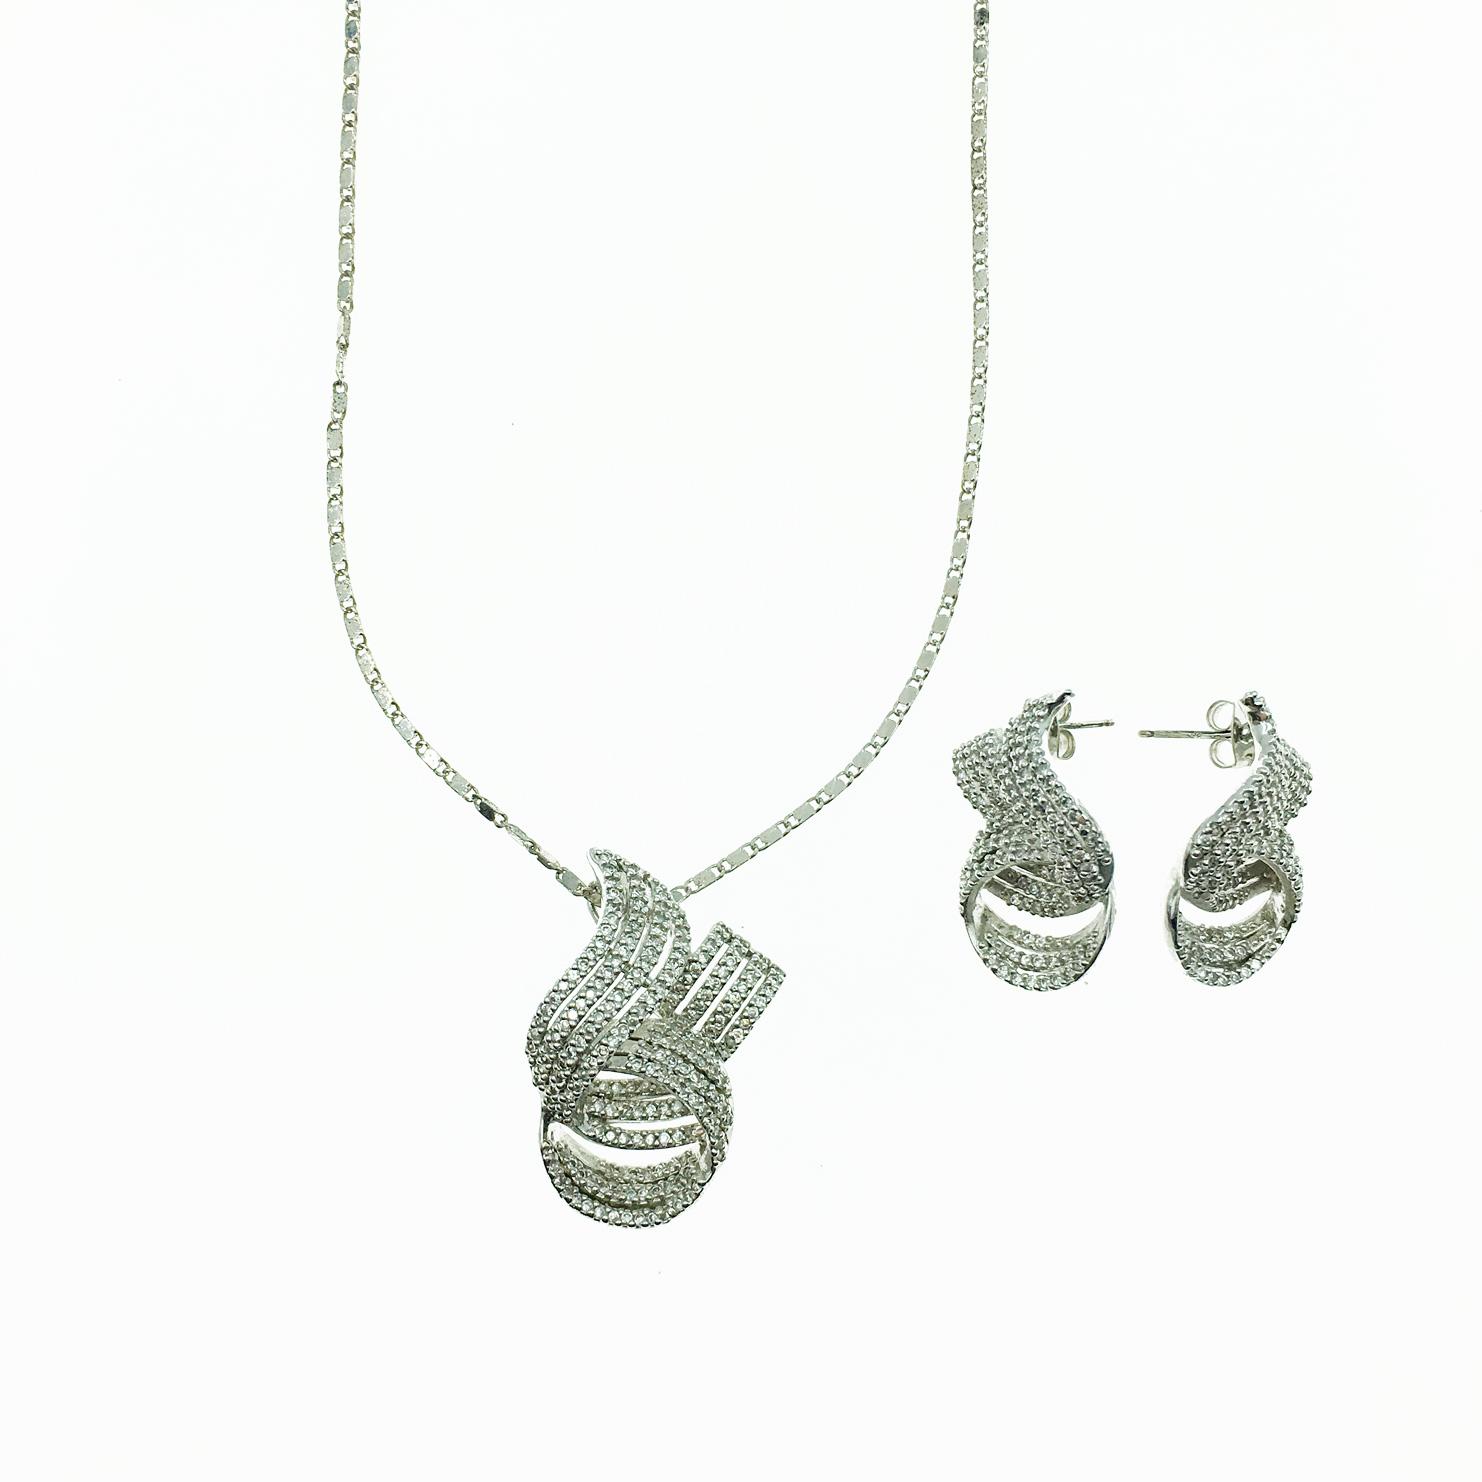 水鑽設計 精緻造型 新娘飾品 耳環項鍊套組 採用施華洛世奇水晶元素 Crystals from Swarovski